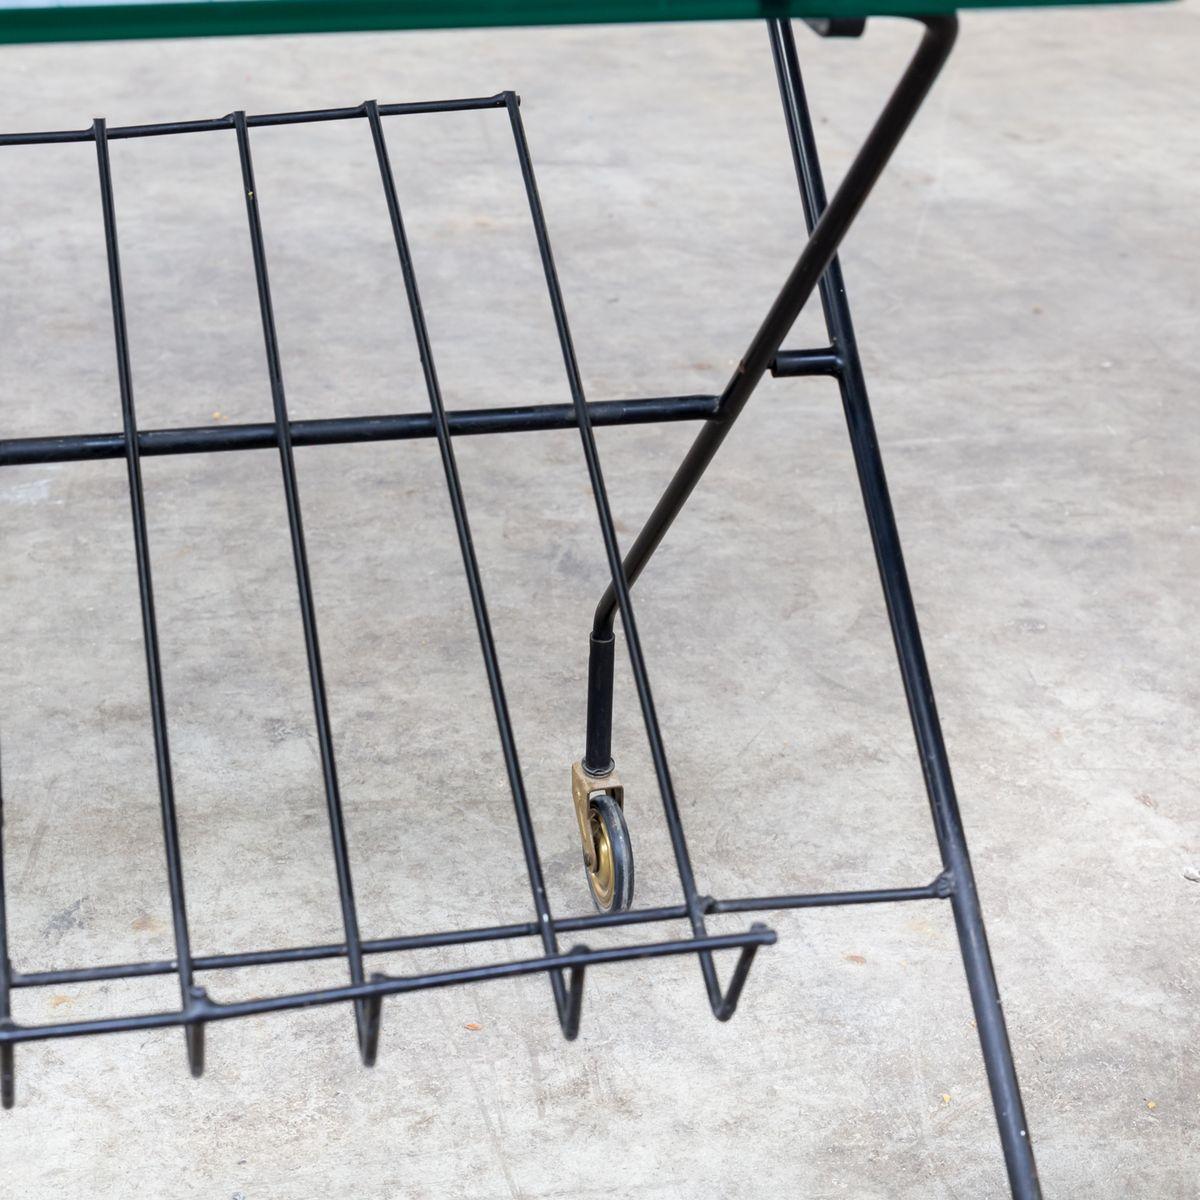 chariot de service en m tal et verre avec porte revues 1950s en vente sur pamono. Black Bedroom Furniture Sets. Home Design Ideas